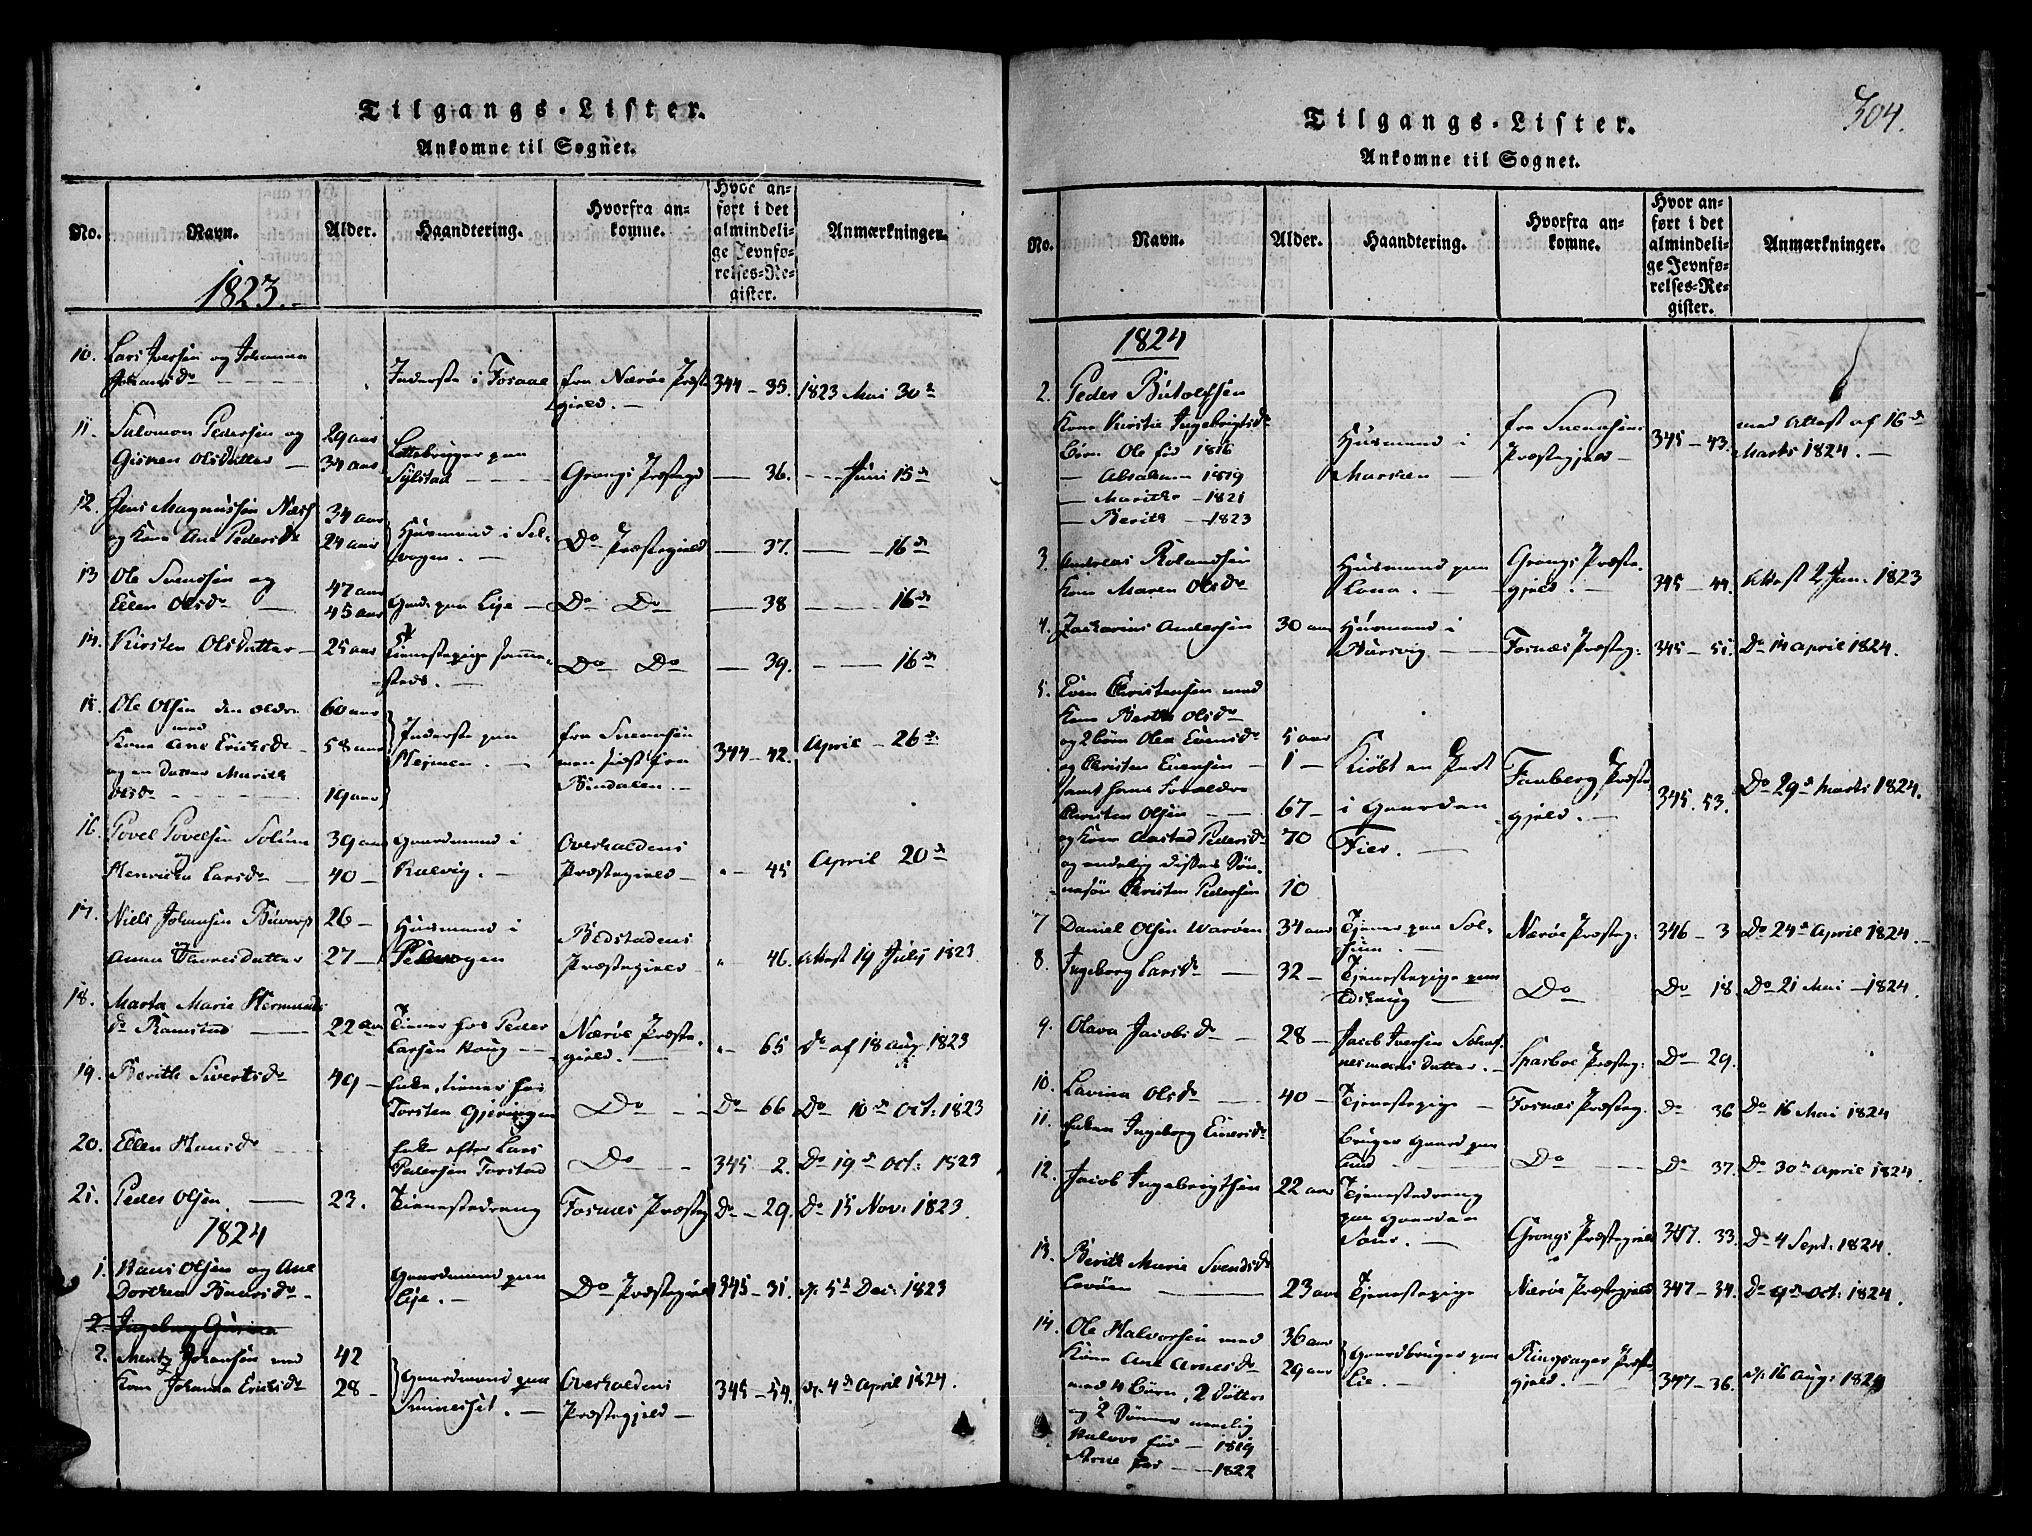 SAT, Ministerialprotokoller, klokkerbøker og fødselsregistre - Nord-Trøndelag, 780/L0636: Ministerialbok nr. 780A03 /1, 1815-1830, s. 304